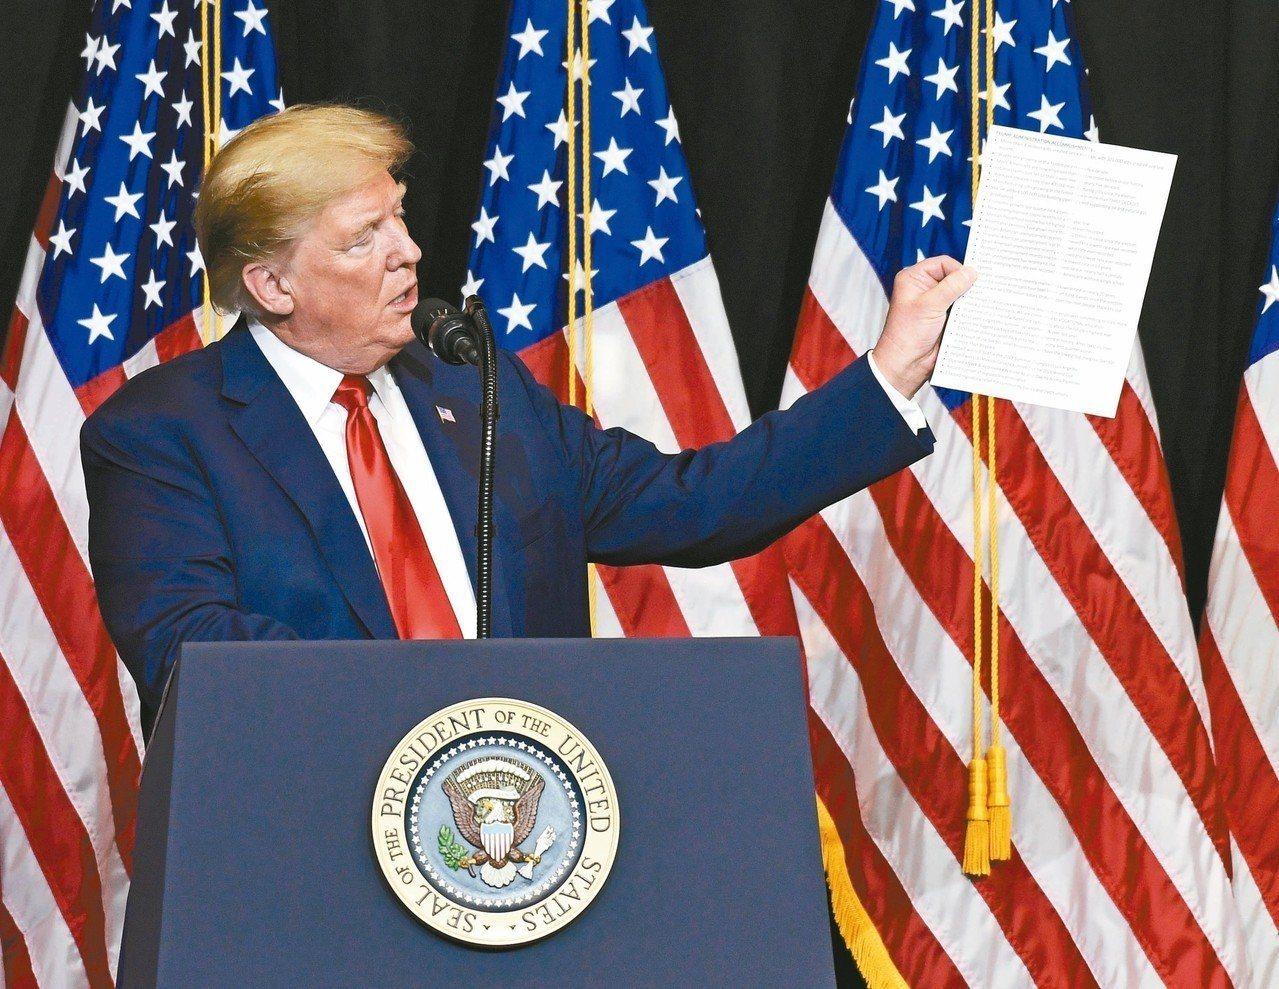 美國總統川普7日在一場募款會上發表談話。川普為期中選舉狂打經濟牌,聲稱在他執政下...